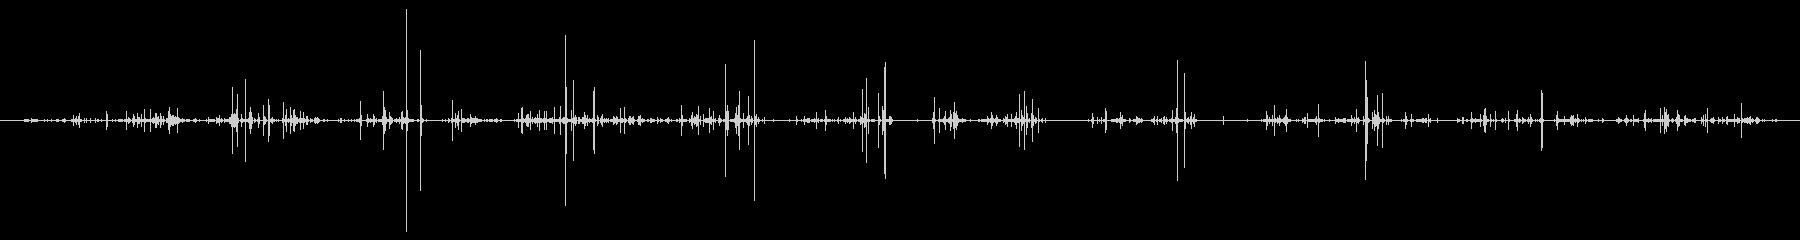 木 竹クラックシーケンス02の未再生の波形